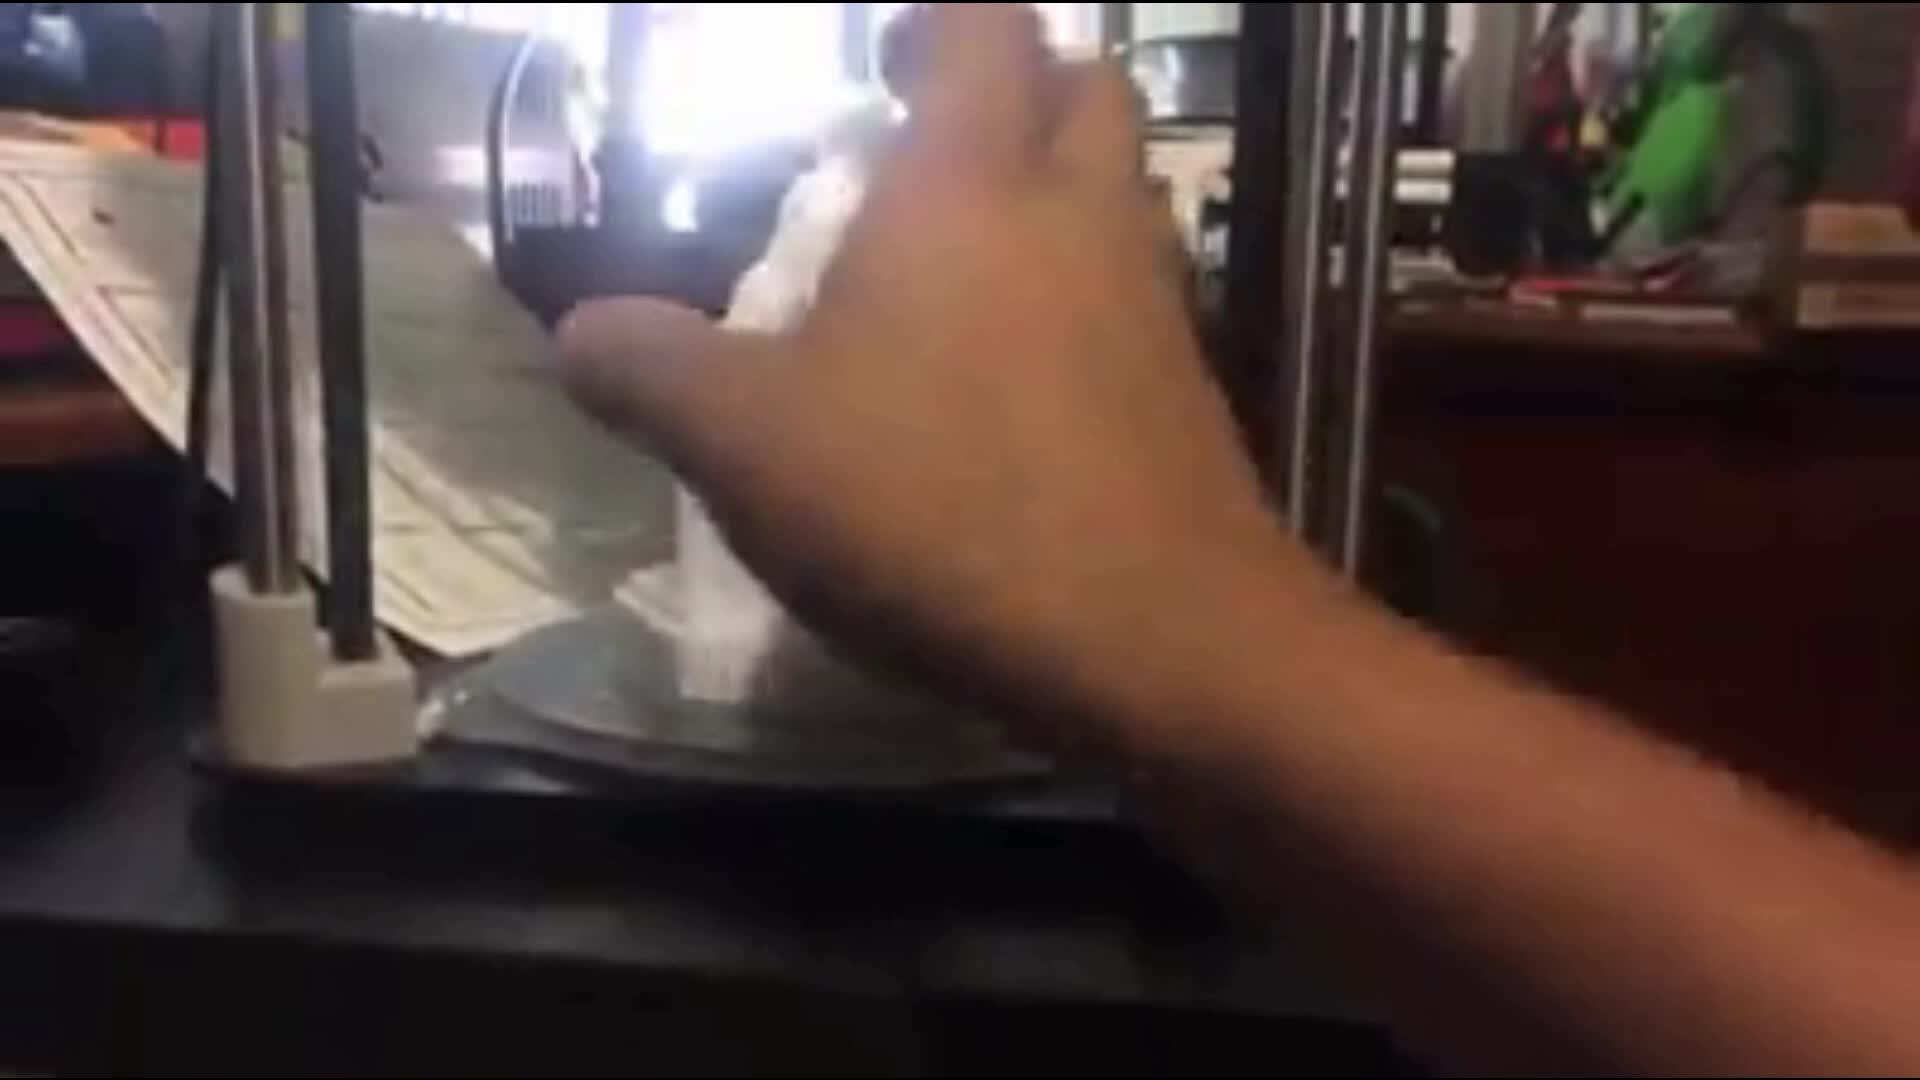 बिजली बंद के साथ BIQU डी शिक्षा प्रिंटर मिनी डिजिटल प्रिंटर फिर से शुरू